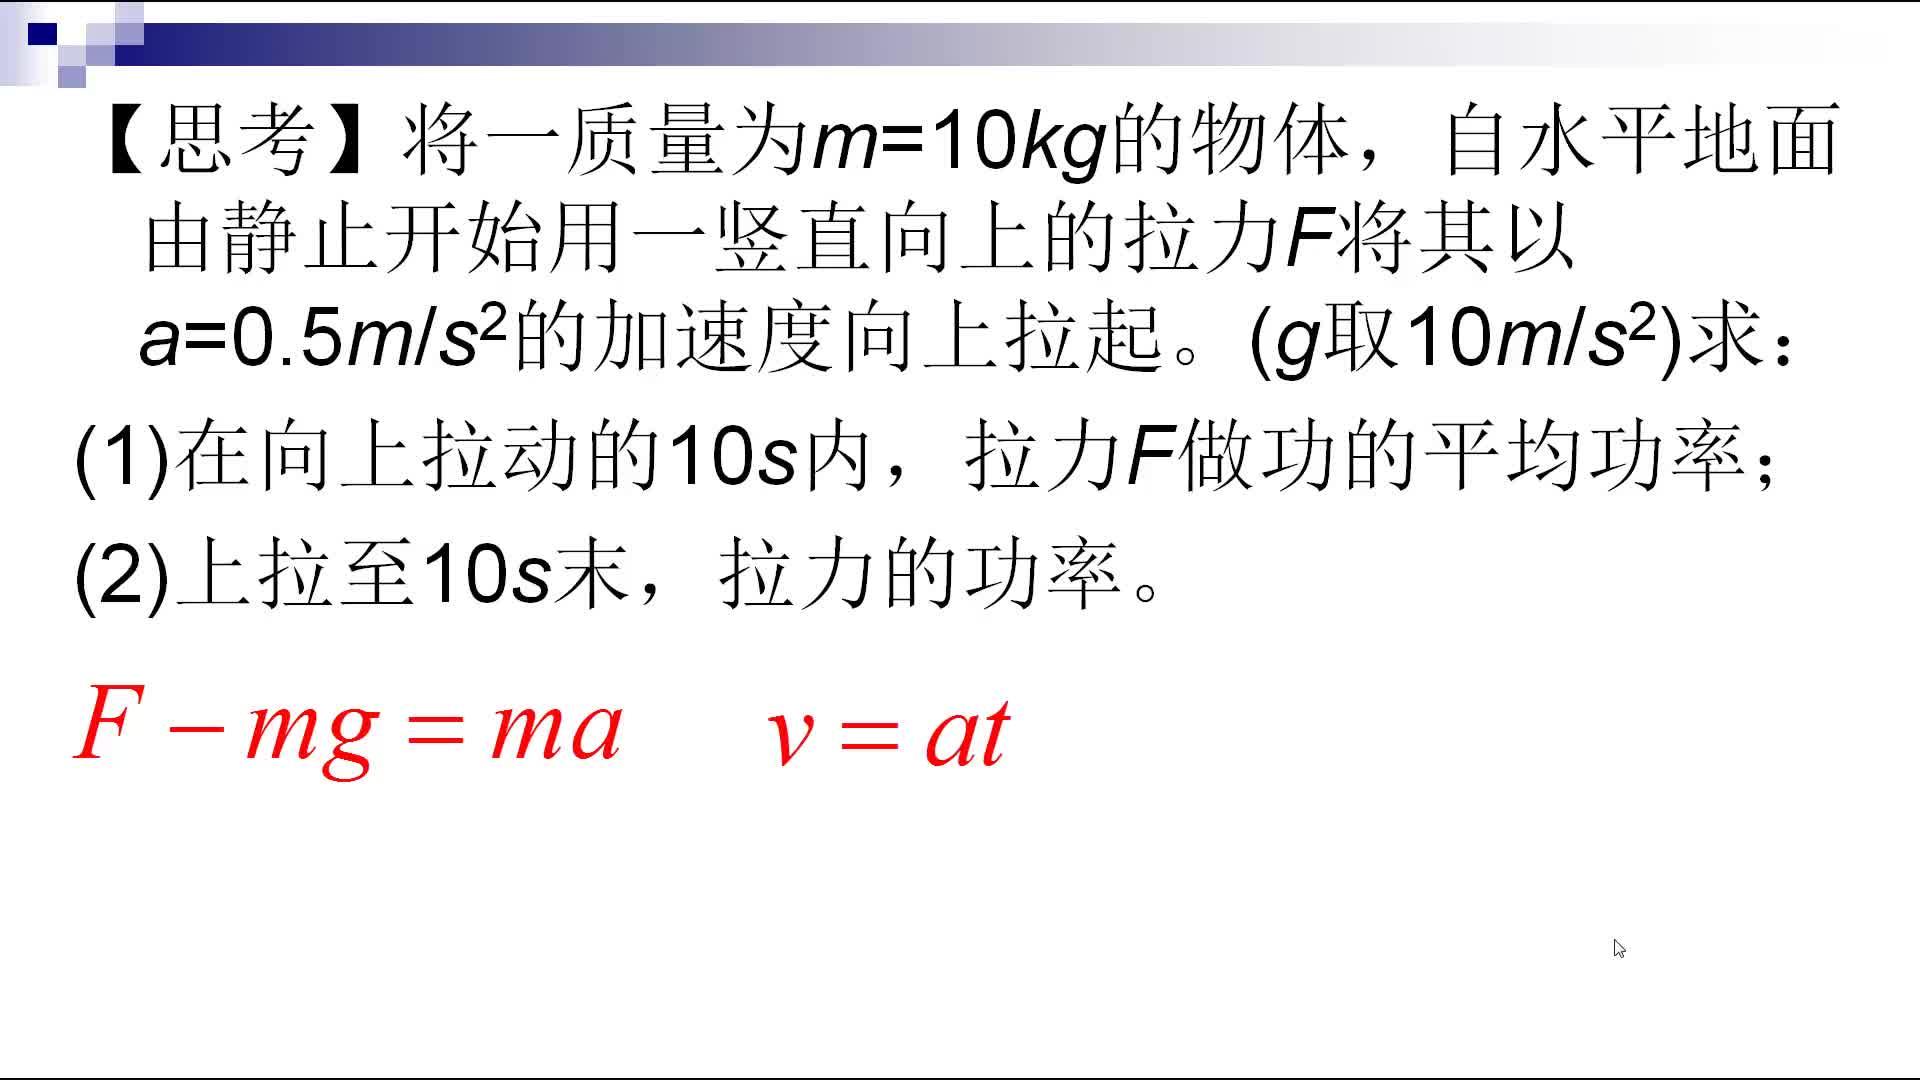 人教版高中物理必修二 机械能守恒定律-恒定功率提升物体(机械能守恒定律难点辨析)-视频微课堂